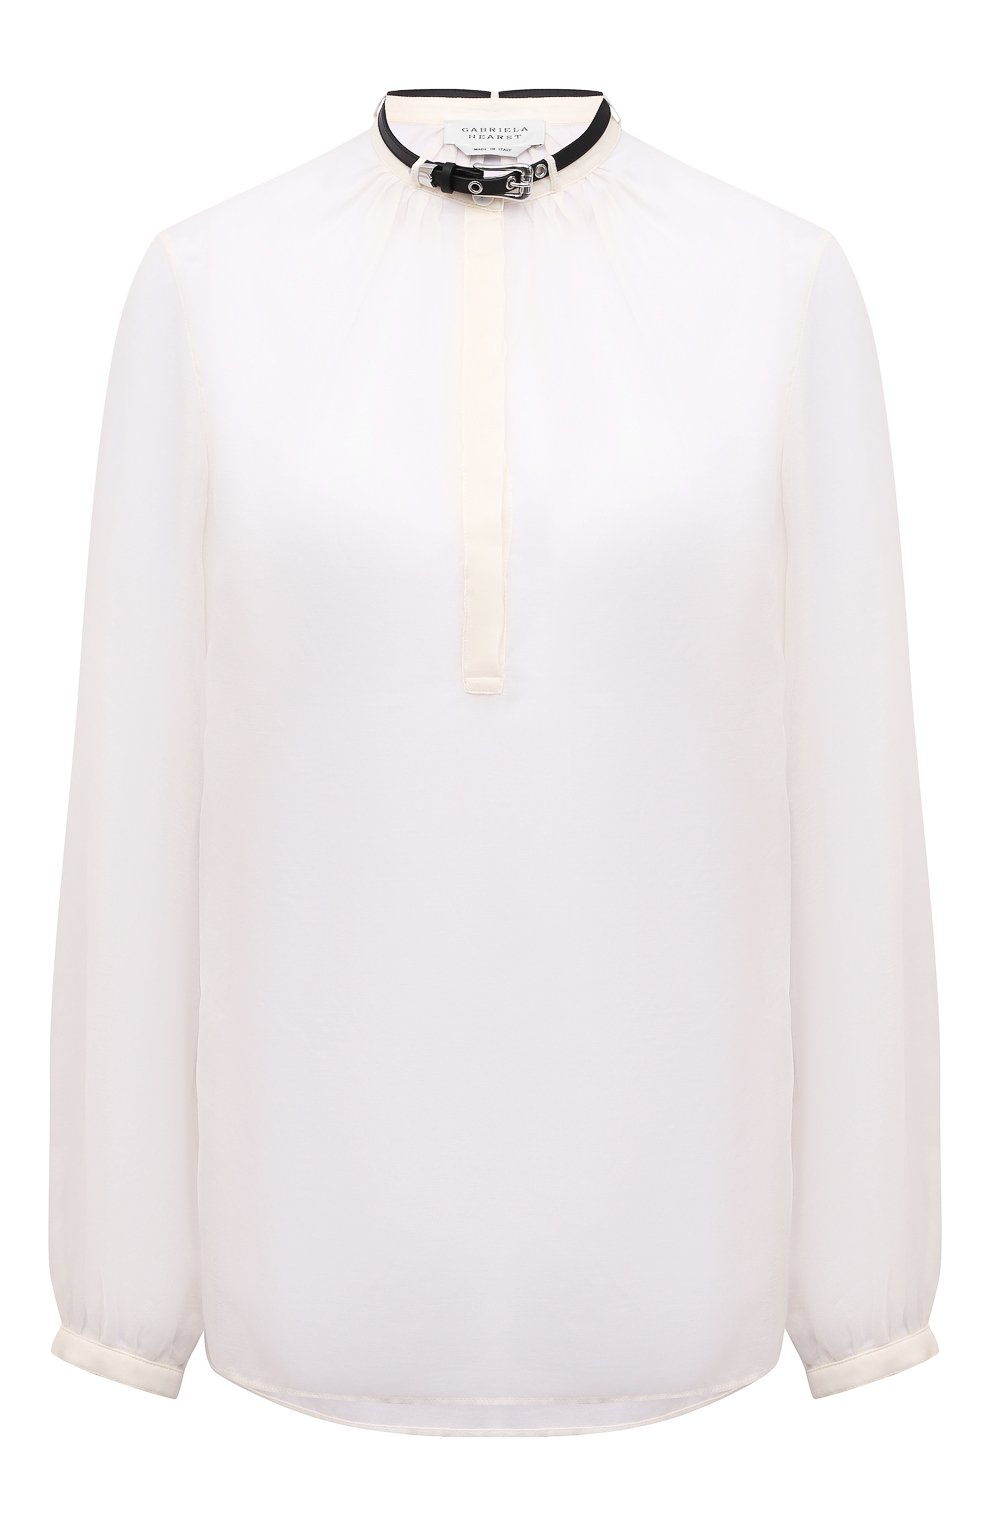 Женская хлопковая блузка GABRIELA HEARST светло-бежевого цвета, арт. 321121 S038   Фото 1 (Материал внешний: Шелк, Хлопок; Рукава: Длинные; Принт: Без принта; Длина (для топов): Стандартные; Стили: Классический; Женское Кросс-КТ: Блуза-одежда)